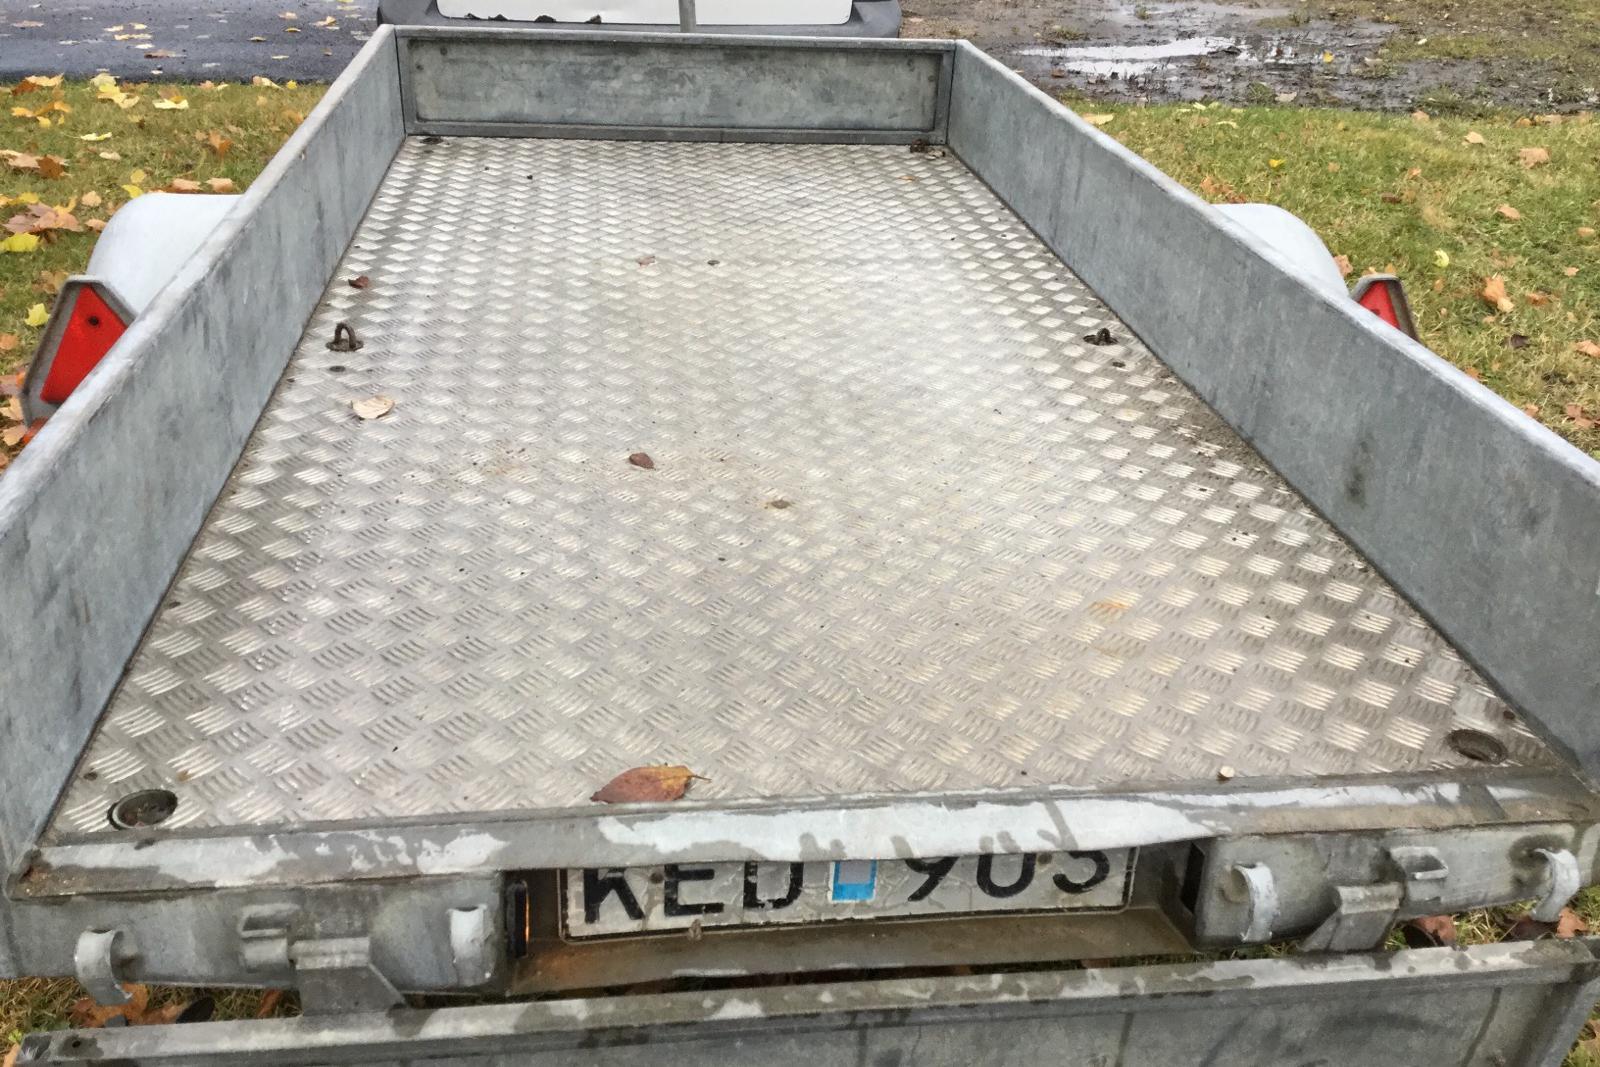 AKTIV-STABIL 750-12 Släpvagn med tippfunktion - 0 mil - Manuell - grå - 1979